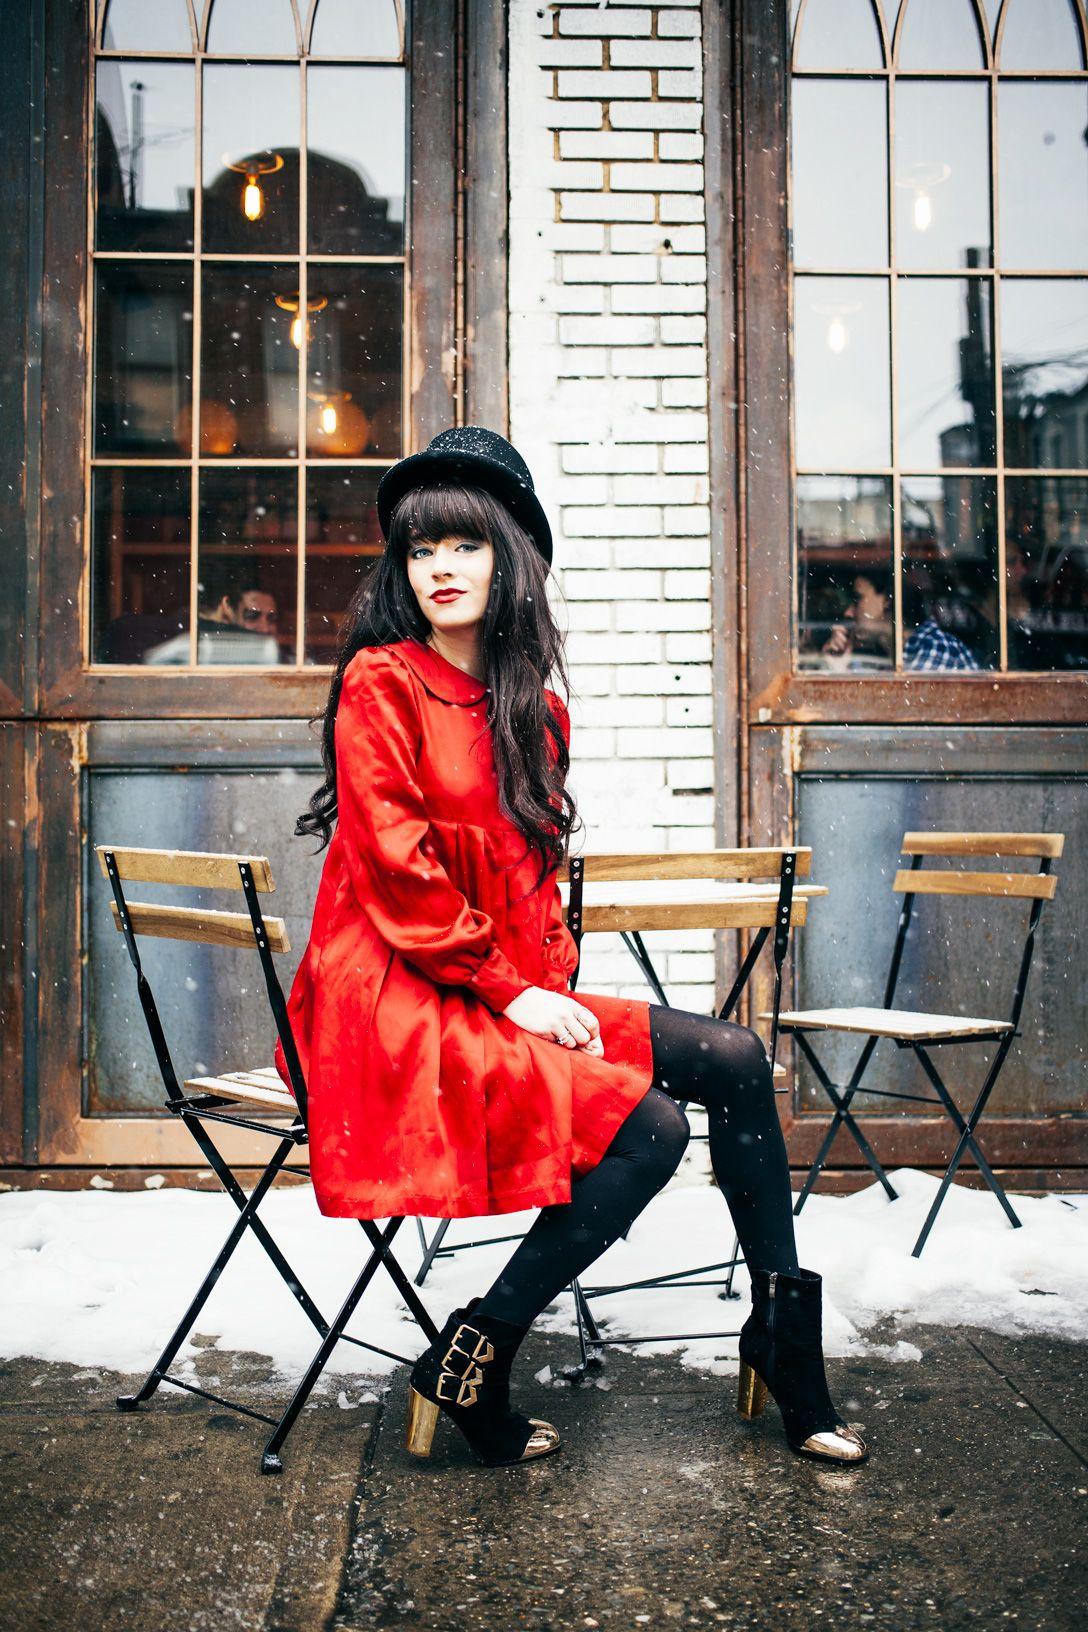 #Jaglever #Red Dress